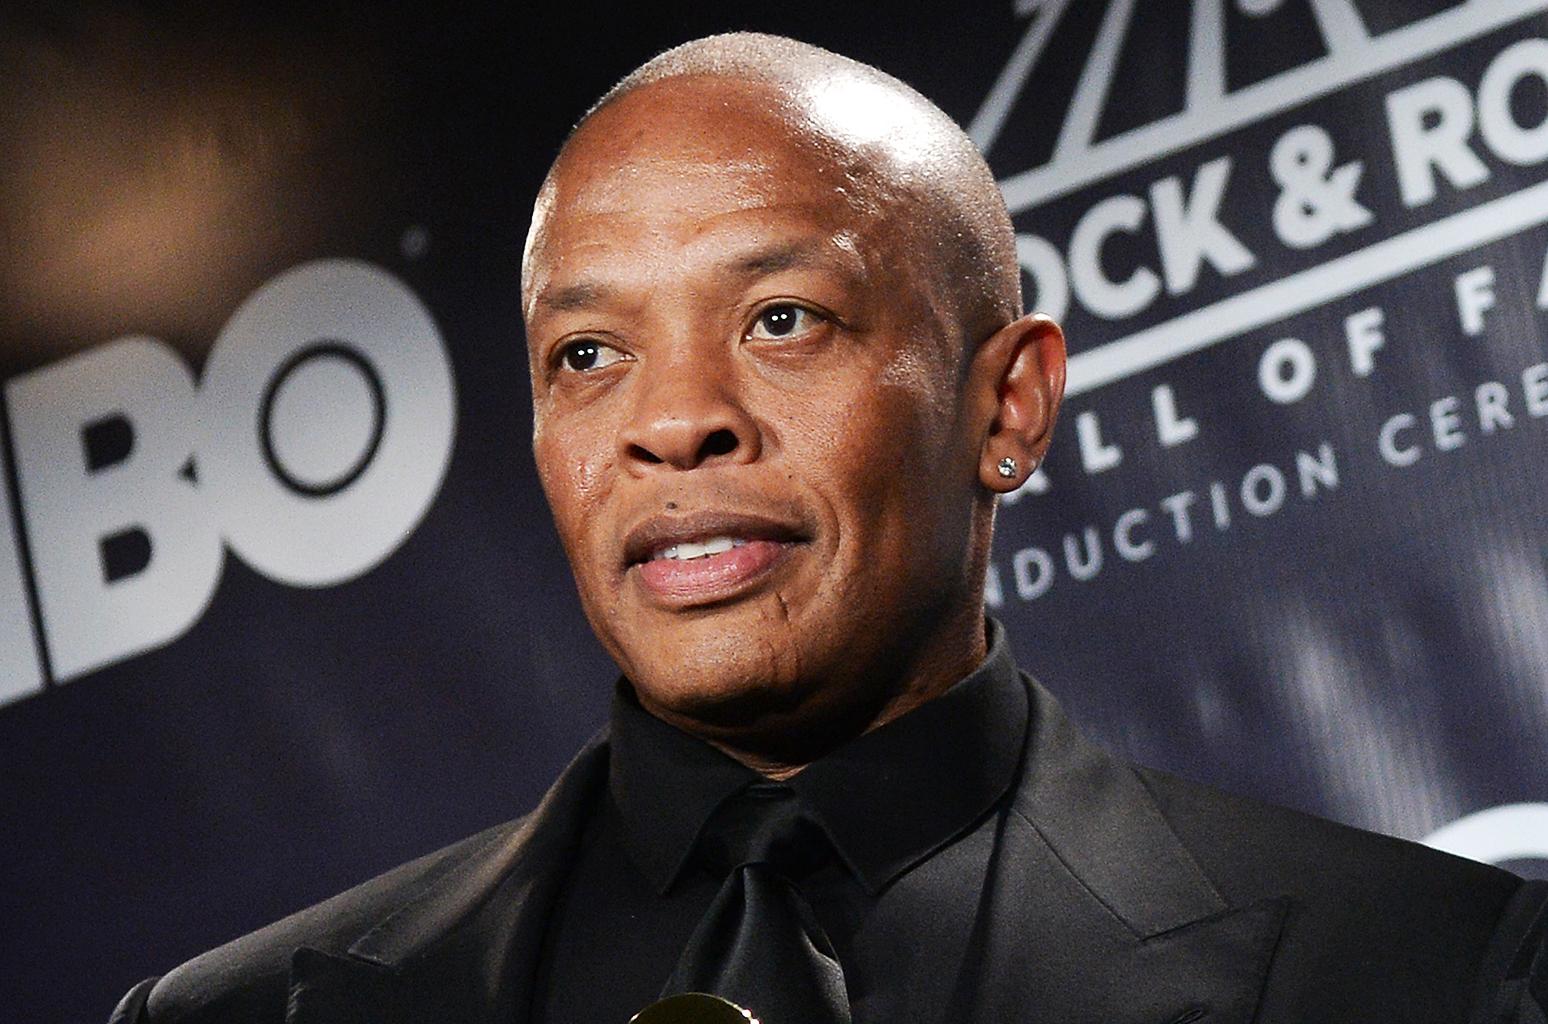 Dr. Dre financia con 20 millones un centro educativo para las artes